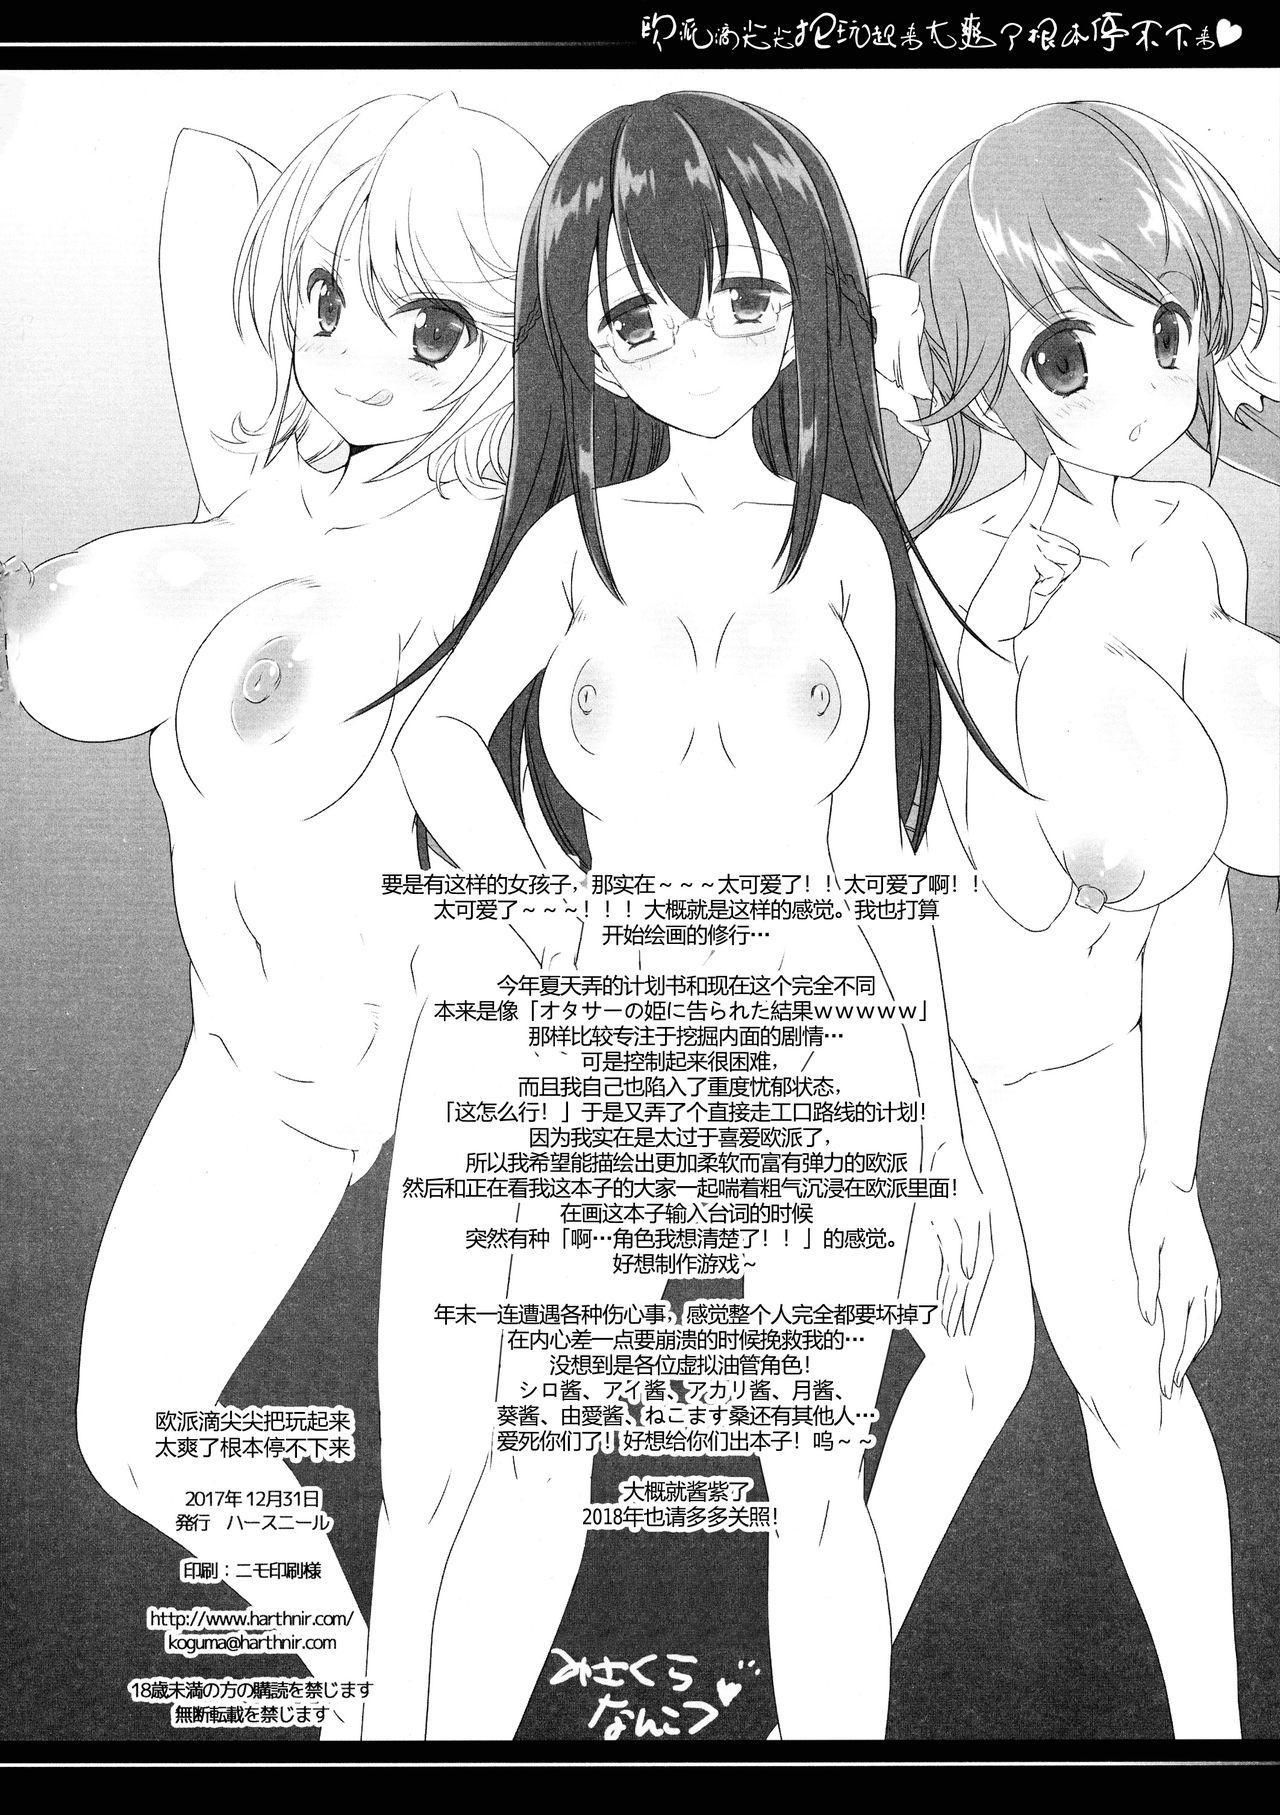 Oppai no Sakippo Ijiru no ga Kimochi yokute Yamerannai no 18